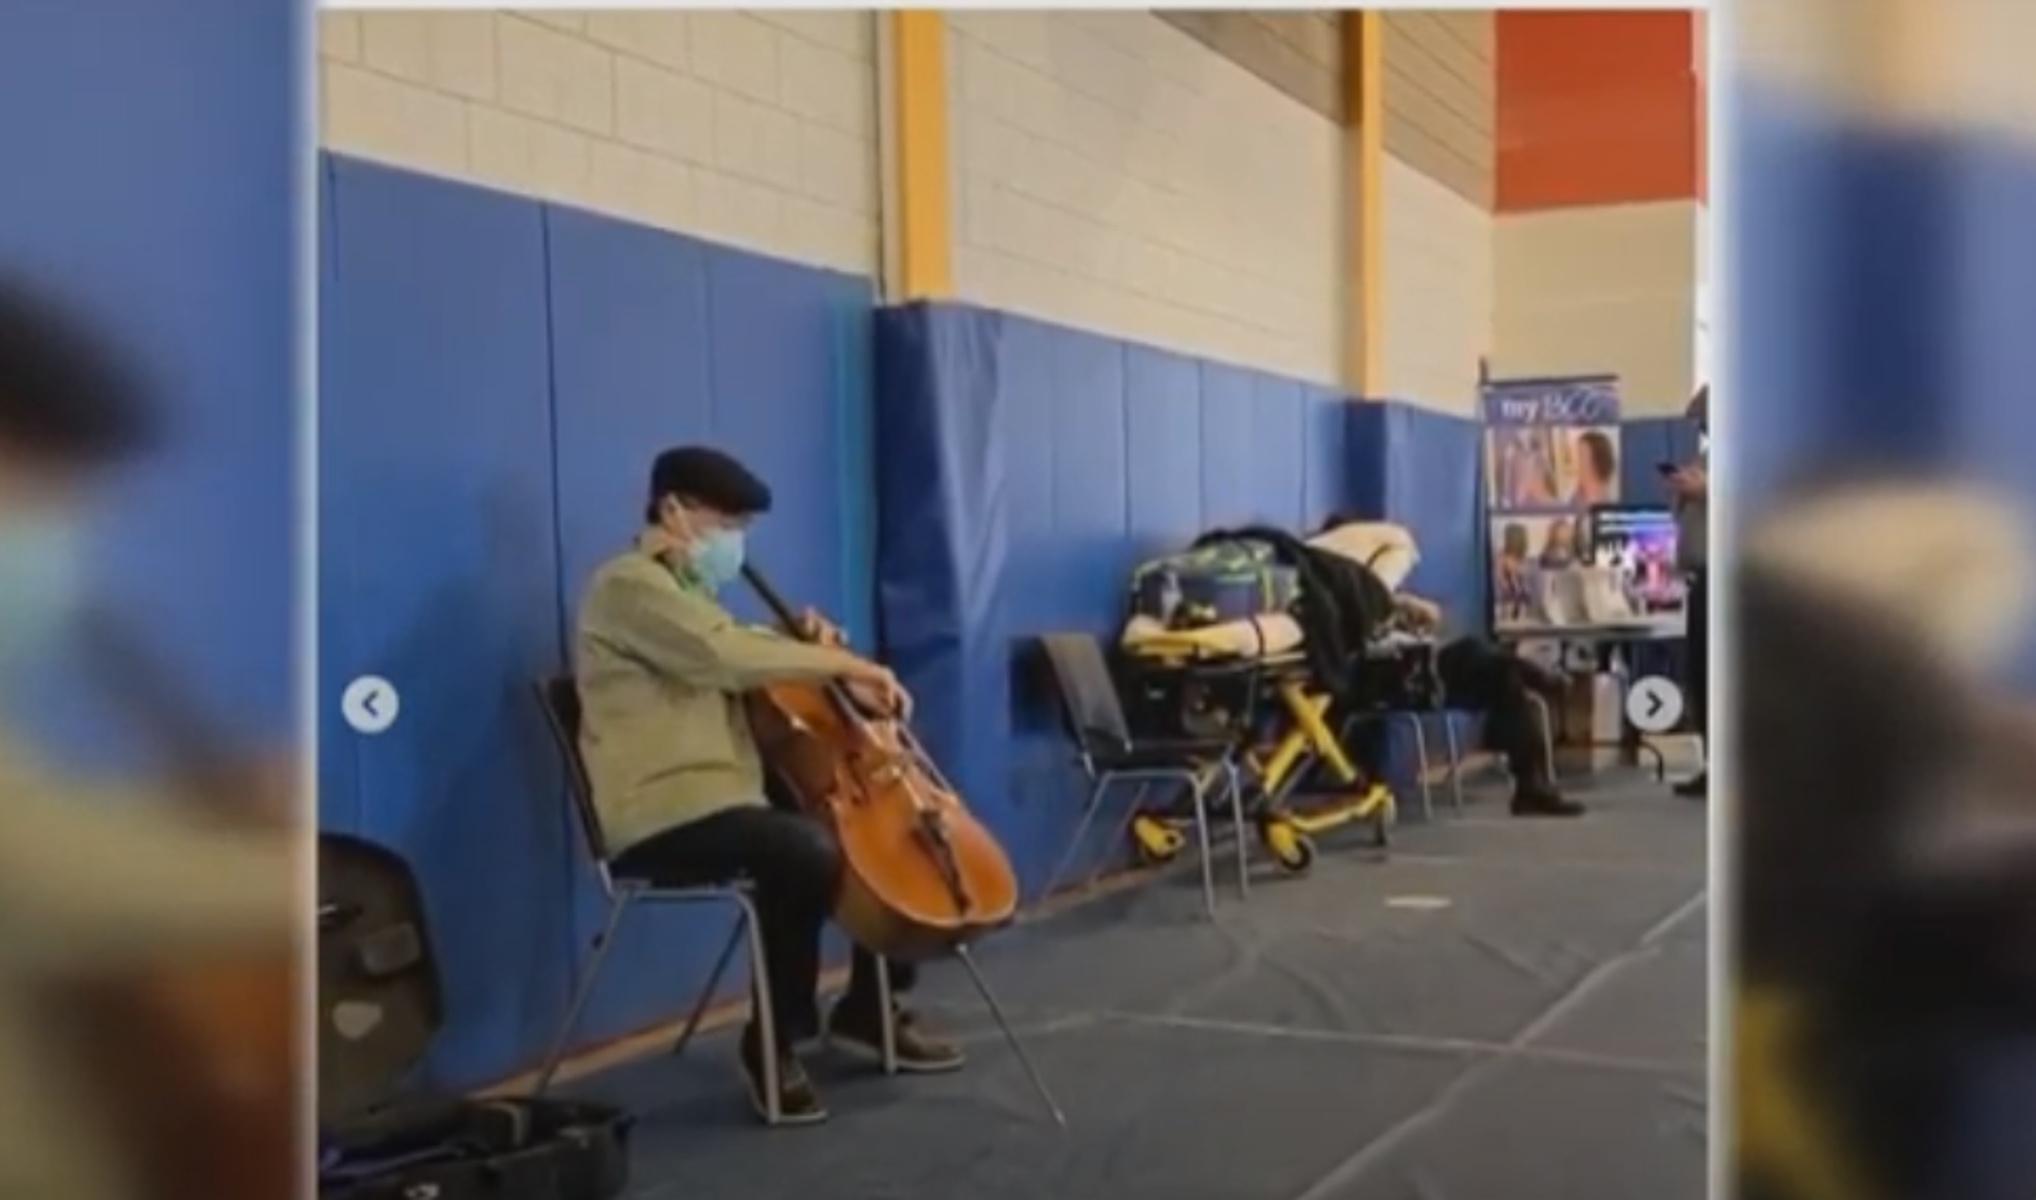 Μασαχουσέτη: Συγκινεί μουσικός – Εμβολιάστηκε και έδωσε συναυλία για το υγειονομικό προσωπικό